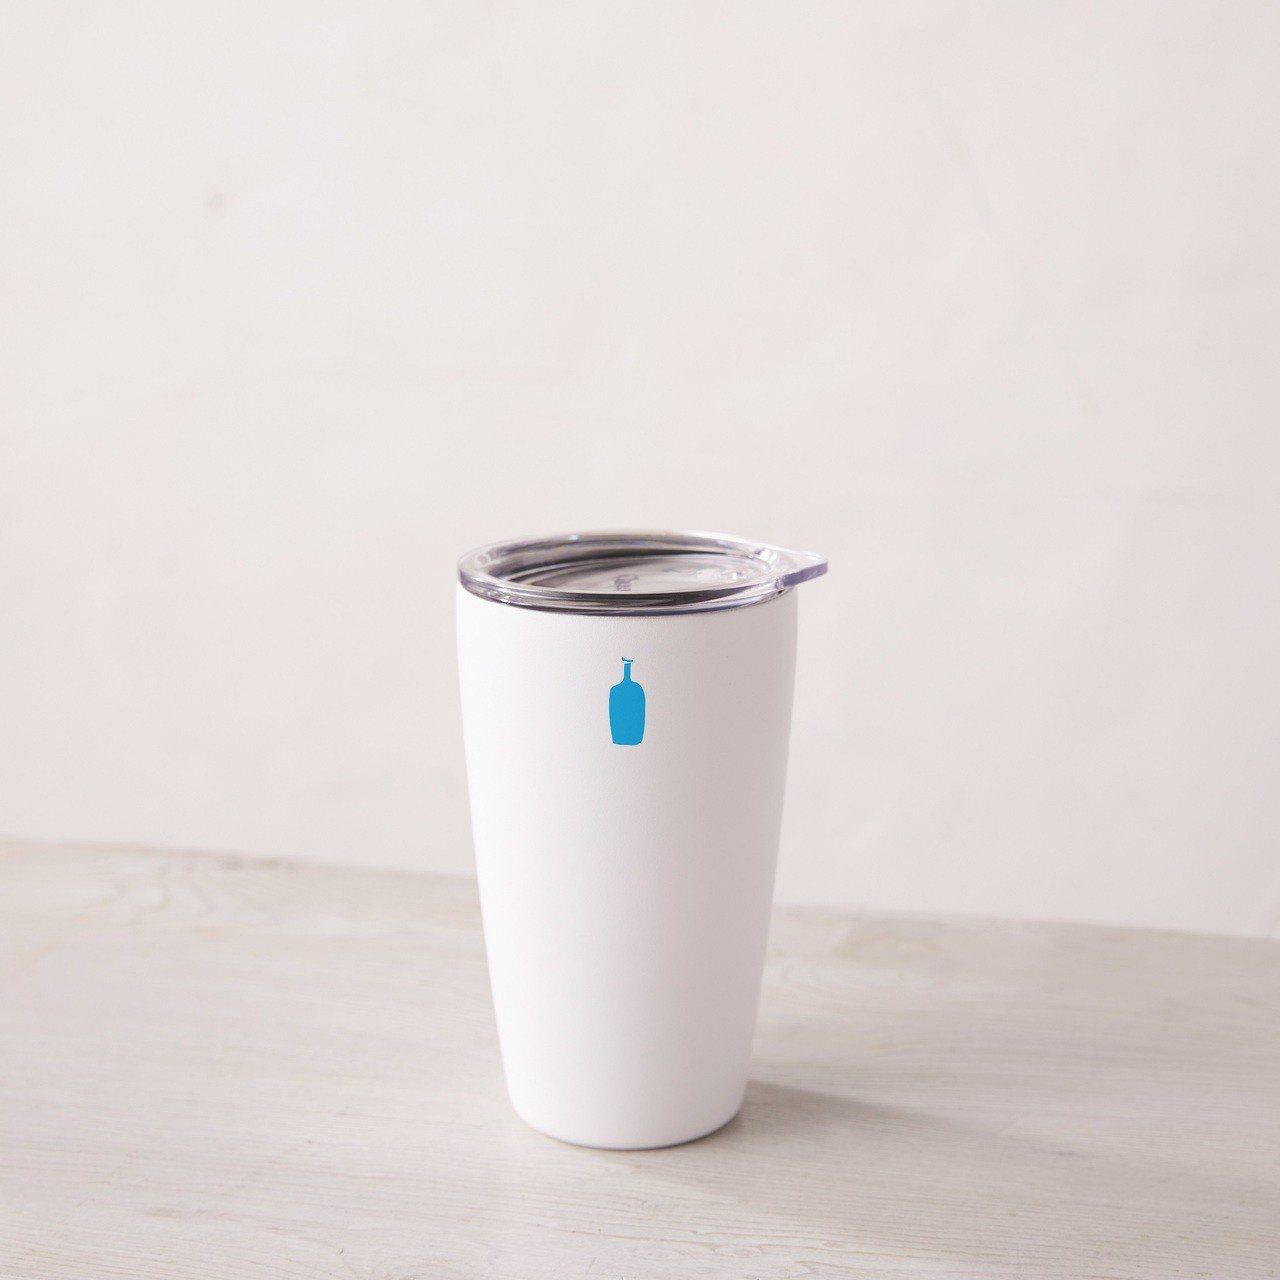 微風南山開幕尊榮禮,2/5~2/20消費滿額可獲得藍瓶咖啡隨身杯。圖/微風提供